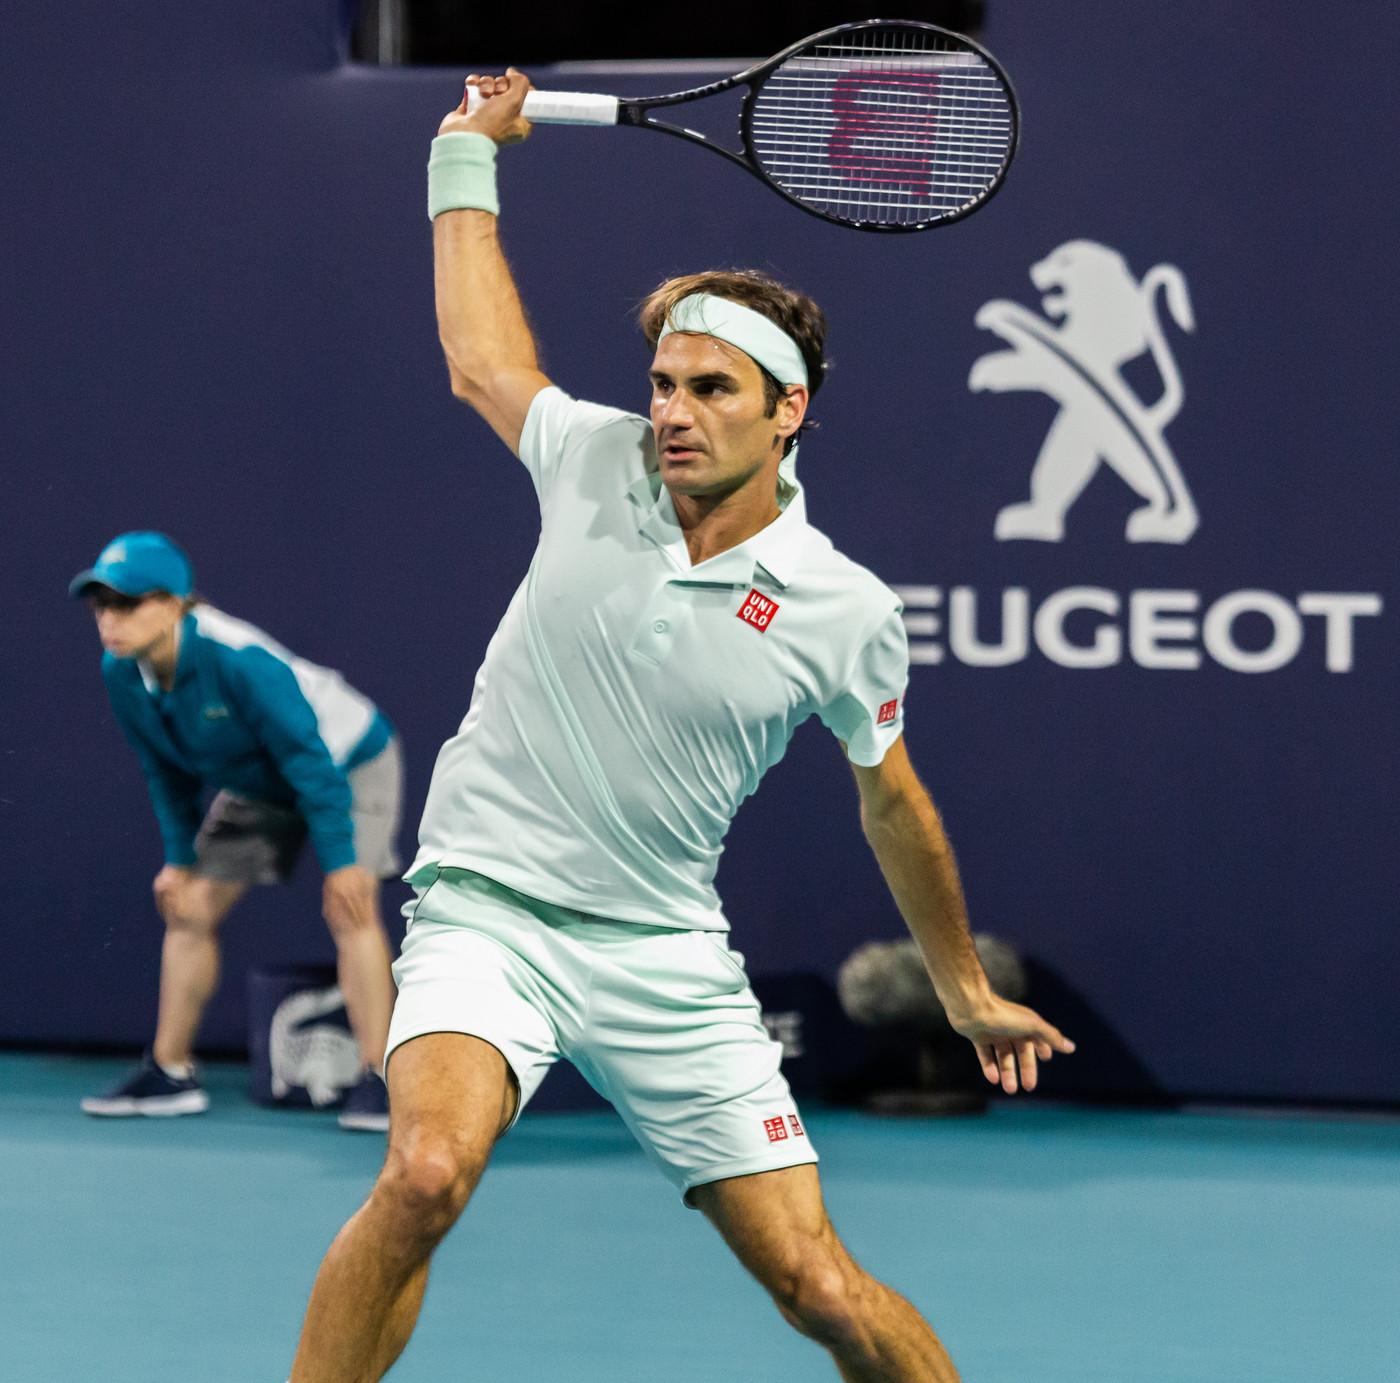 A Miami, Djokovic avanti faticando. Agli ottavi anche Simona Halep e Pliskova